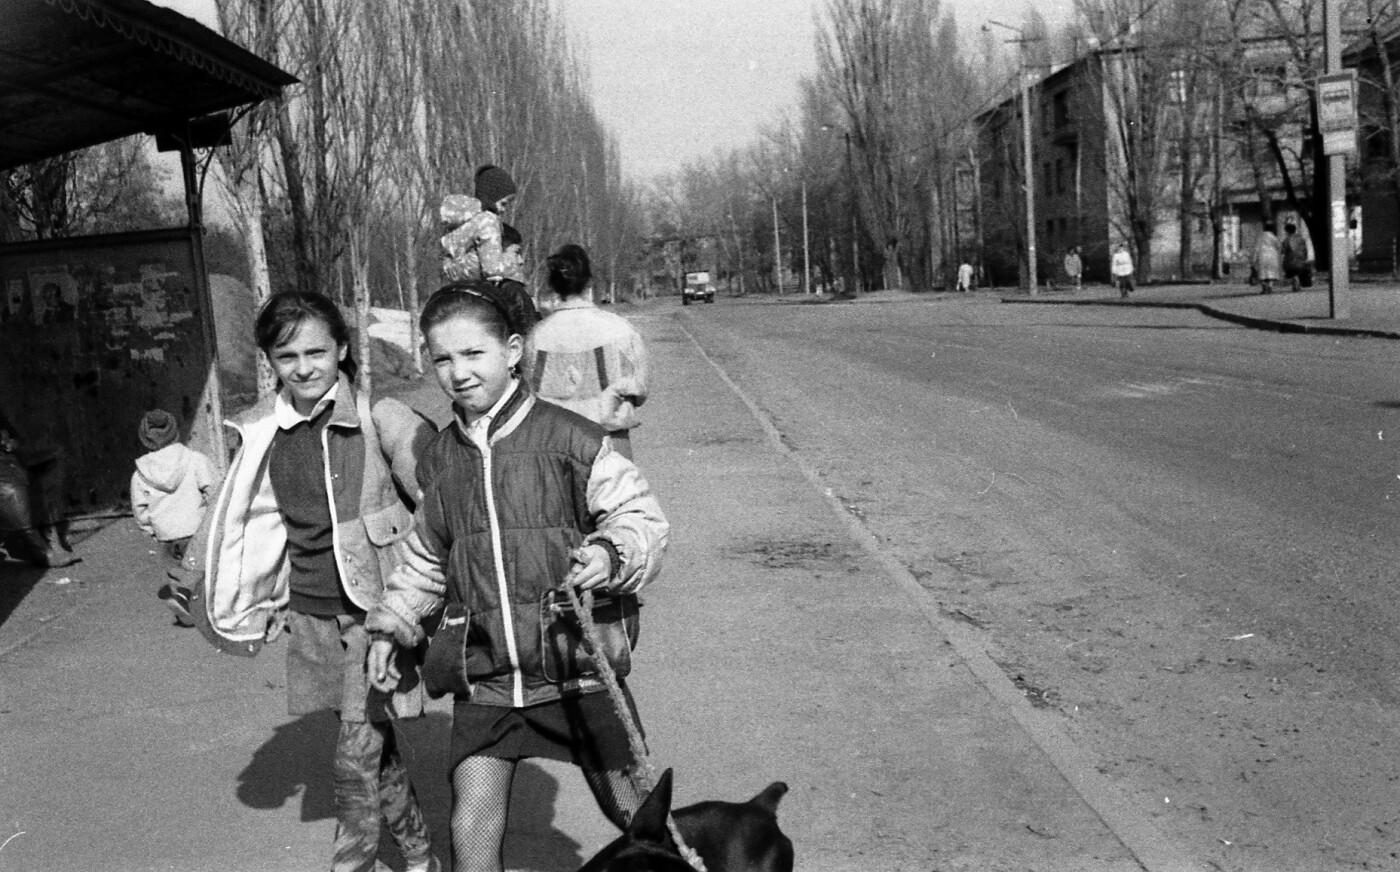 Жилмассив Северный в Днепре: как он выглядел в XX веке и сейчас, - ФОТО, фото-9